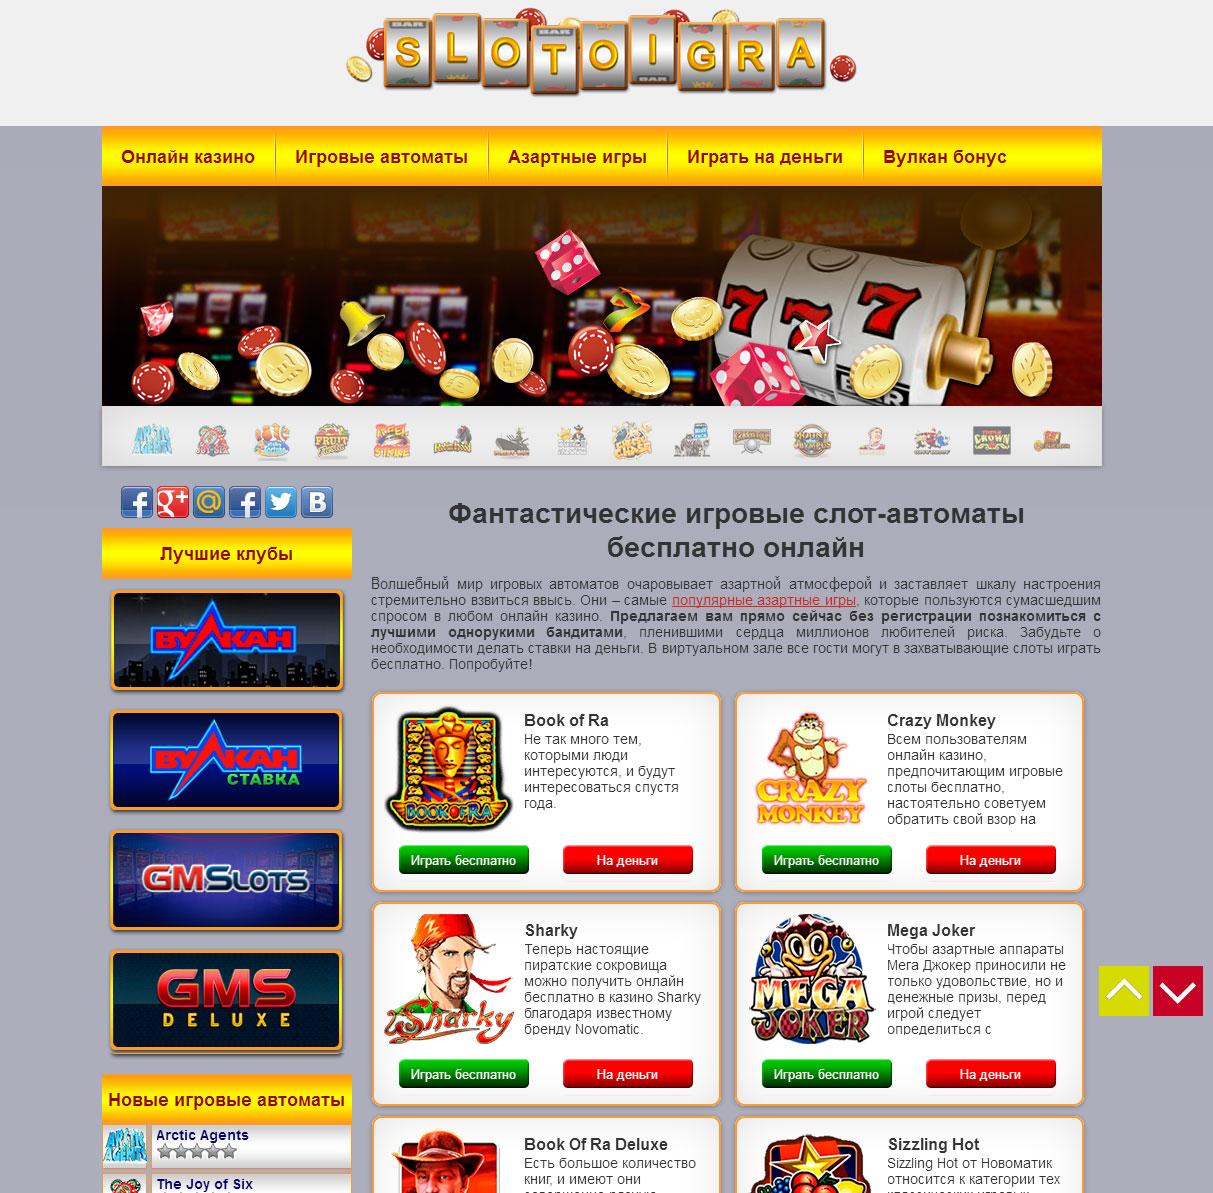 Игровые автоматы на реальные деньги в онлайн казино